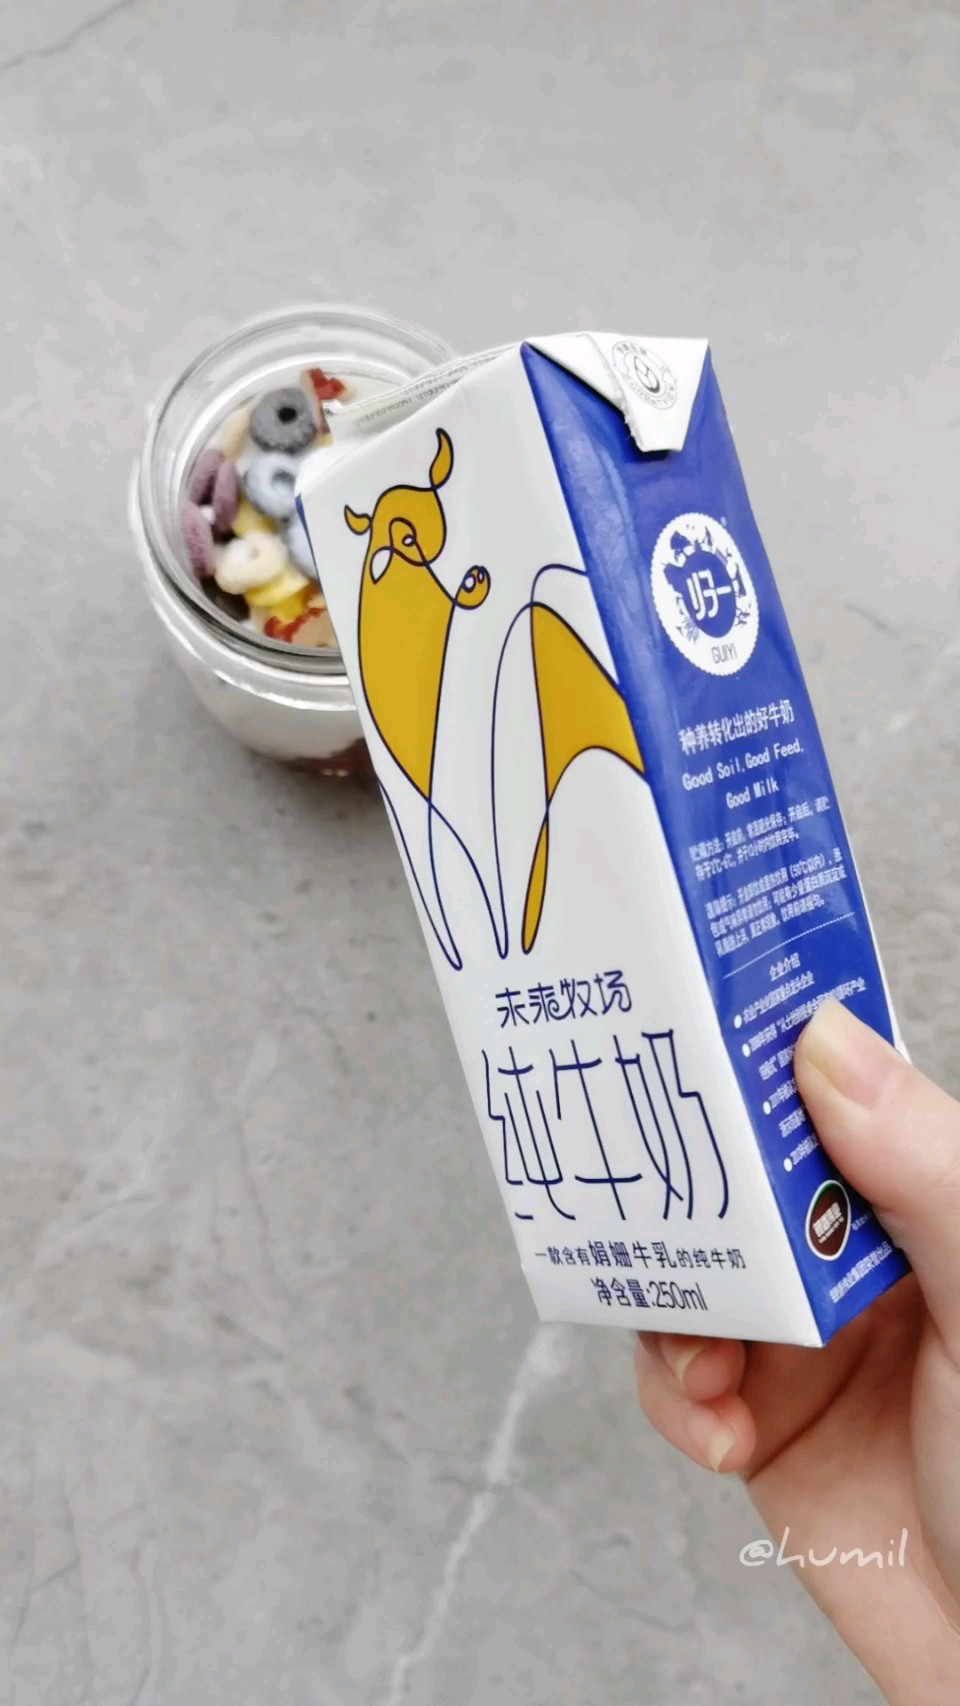 燕麦杂粮牛奶捞的步骤